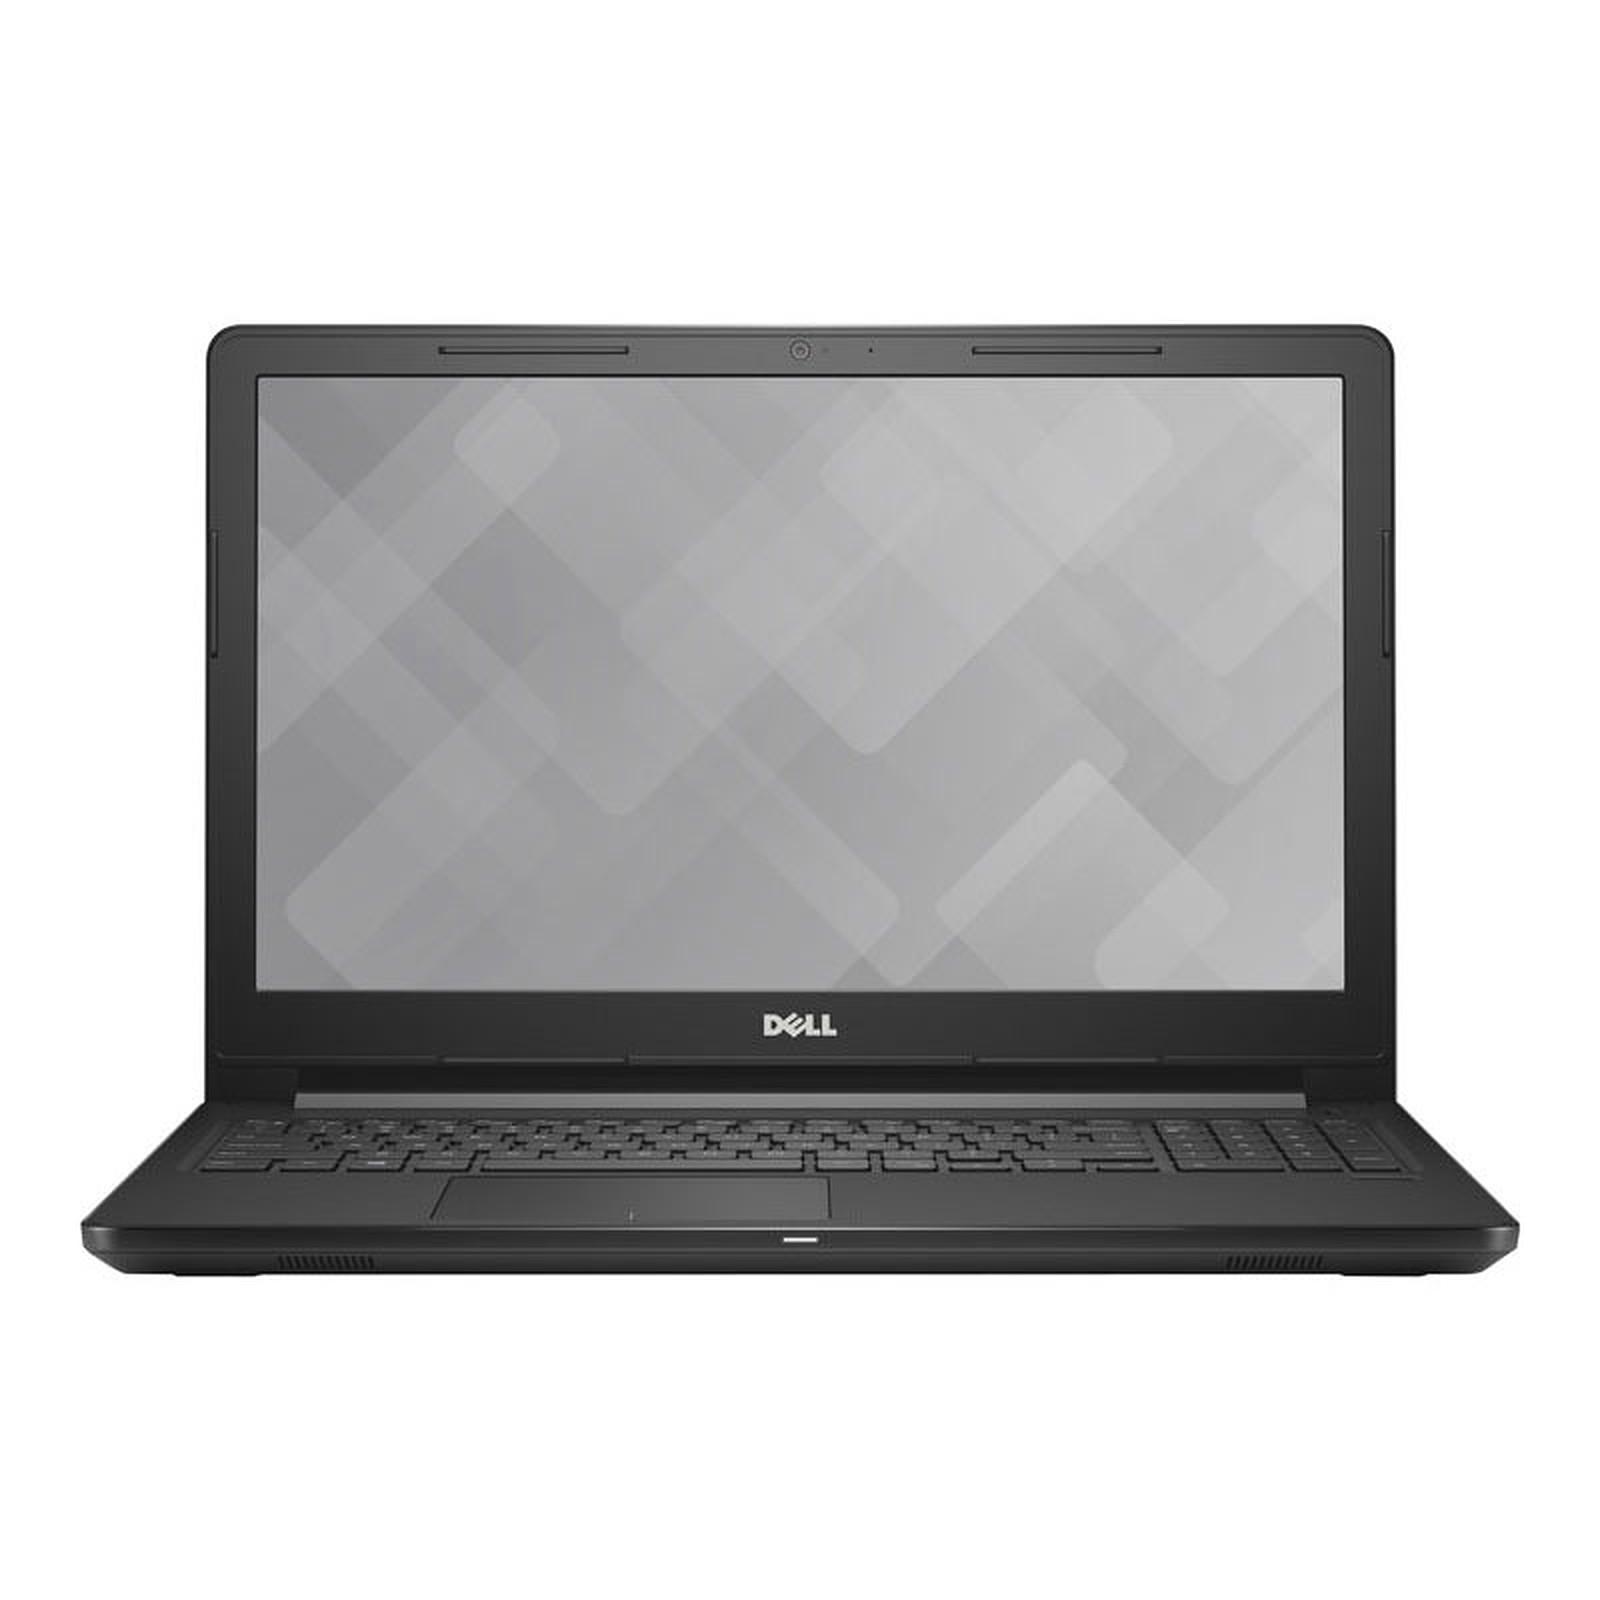 Dell Vostro 15 3568 (5Y3R8)